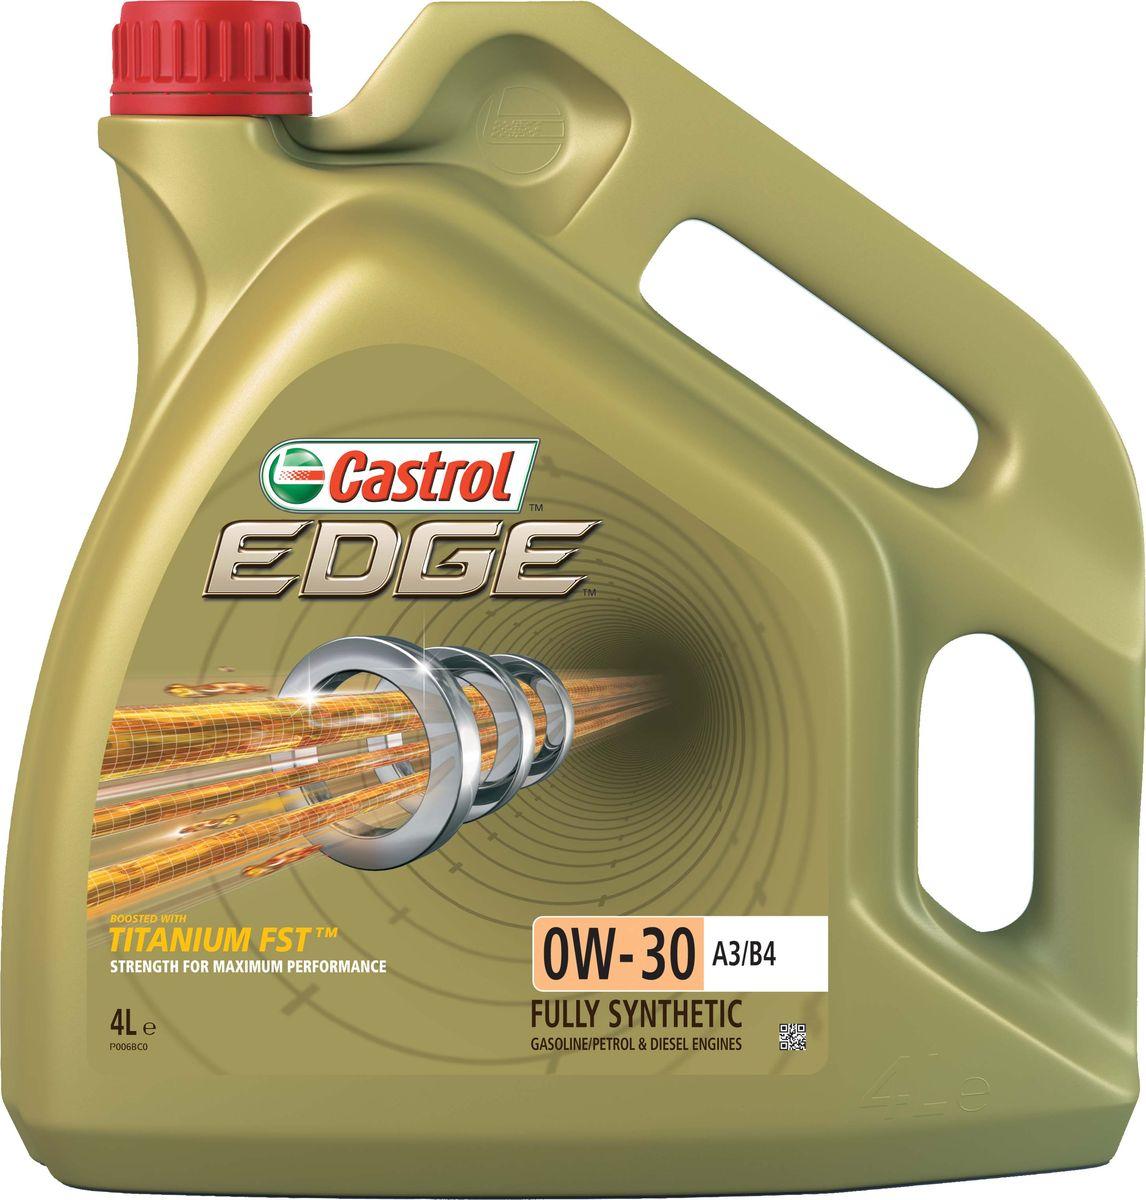 """Масло моторное Castrol """"Edge"""", синтетическое, класс вязкости 0W-30, A3/B4, 4 л. 157E6B"""